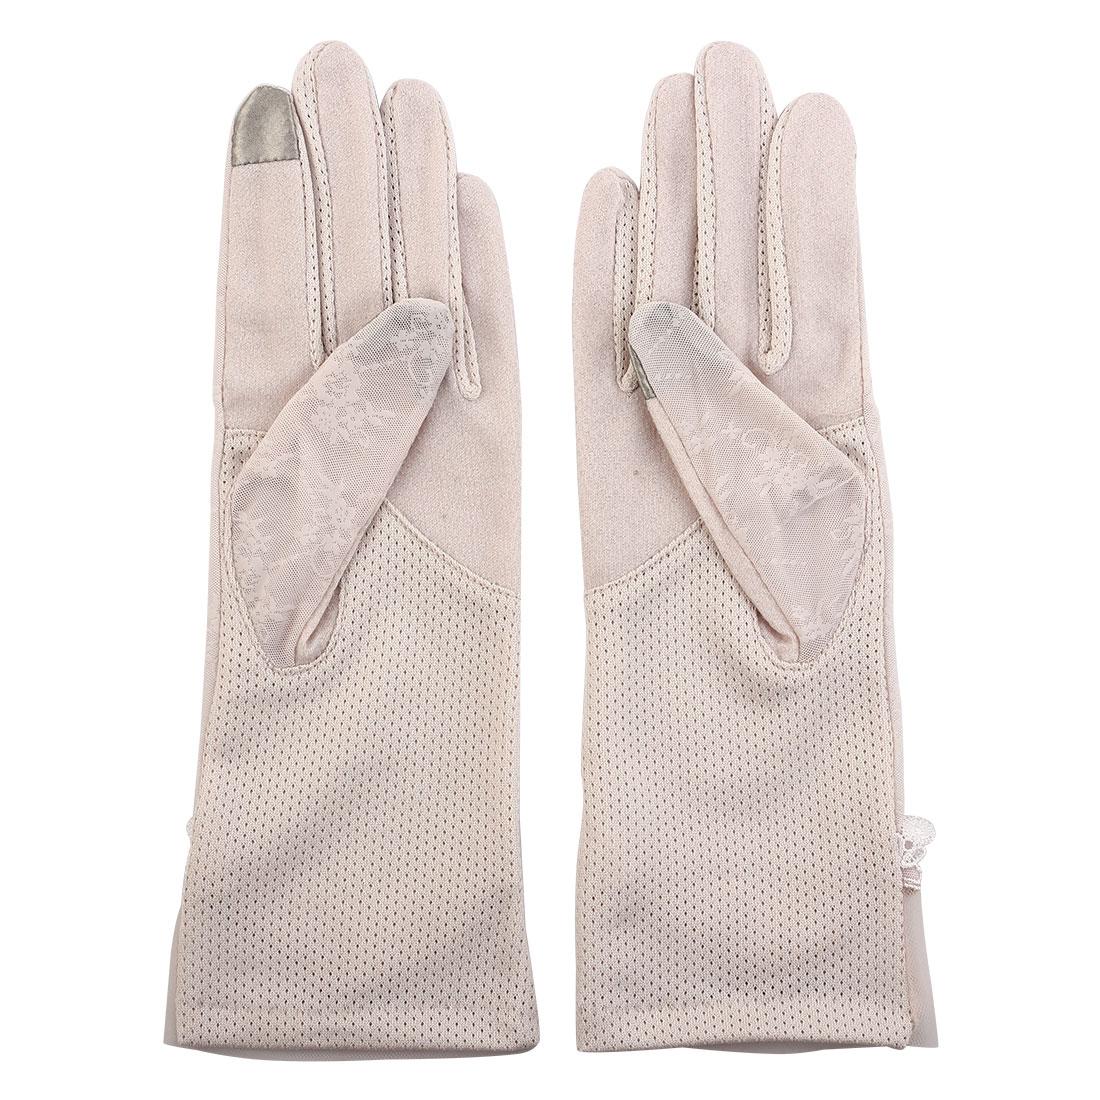 Outdoor Travel Driving Flower Bowknot Decor Full Finger Non-slip Sun Resistant Gloves Light Pink Pair for Women